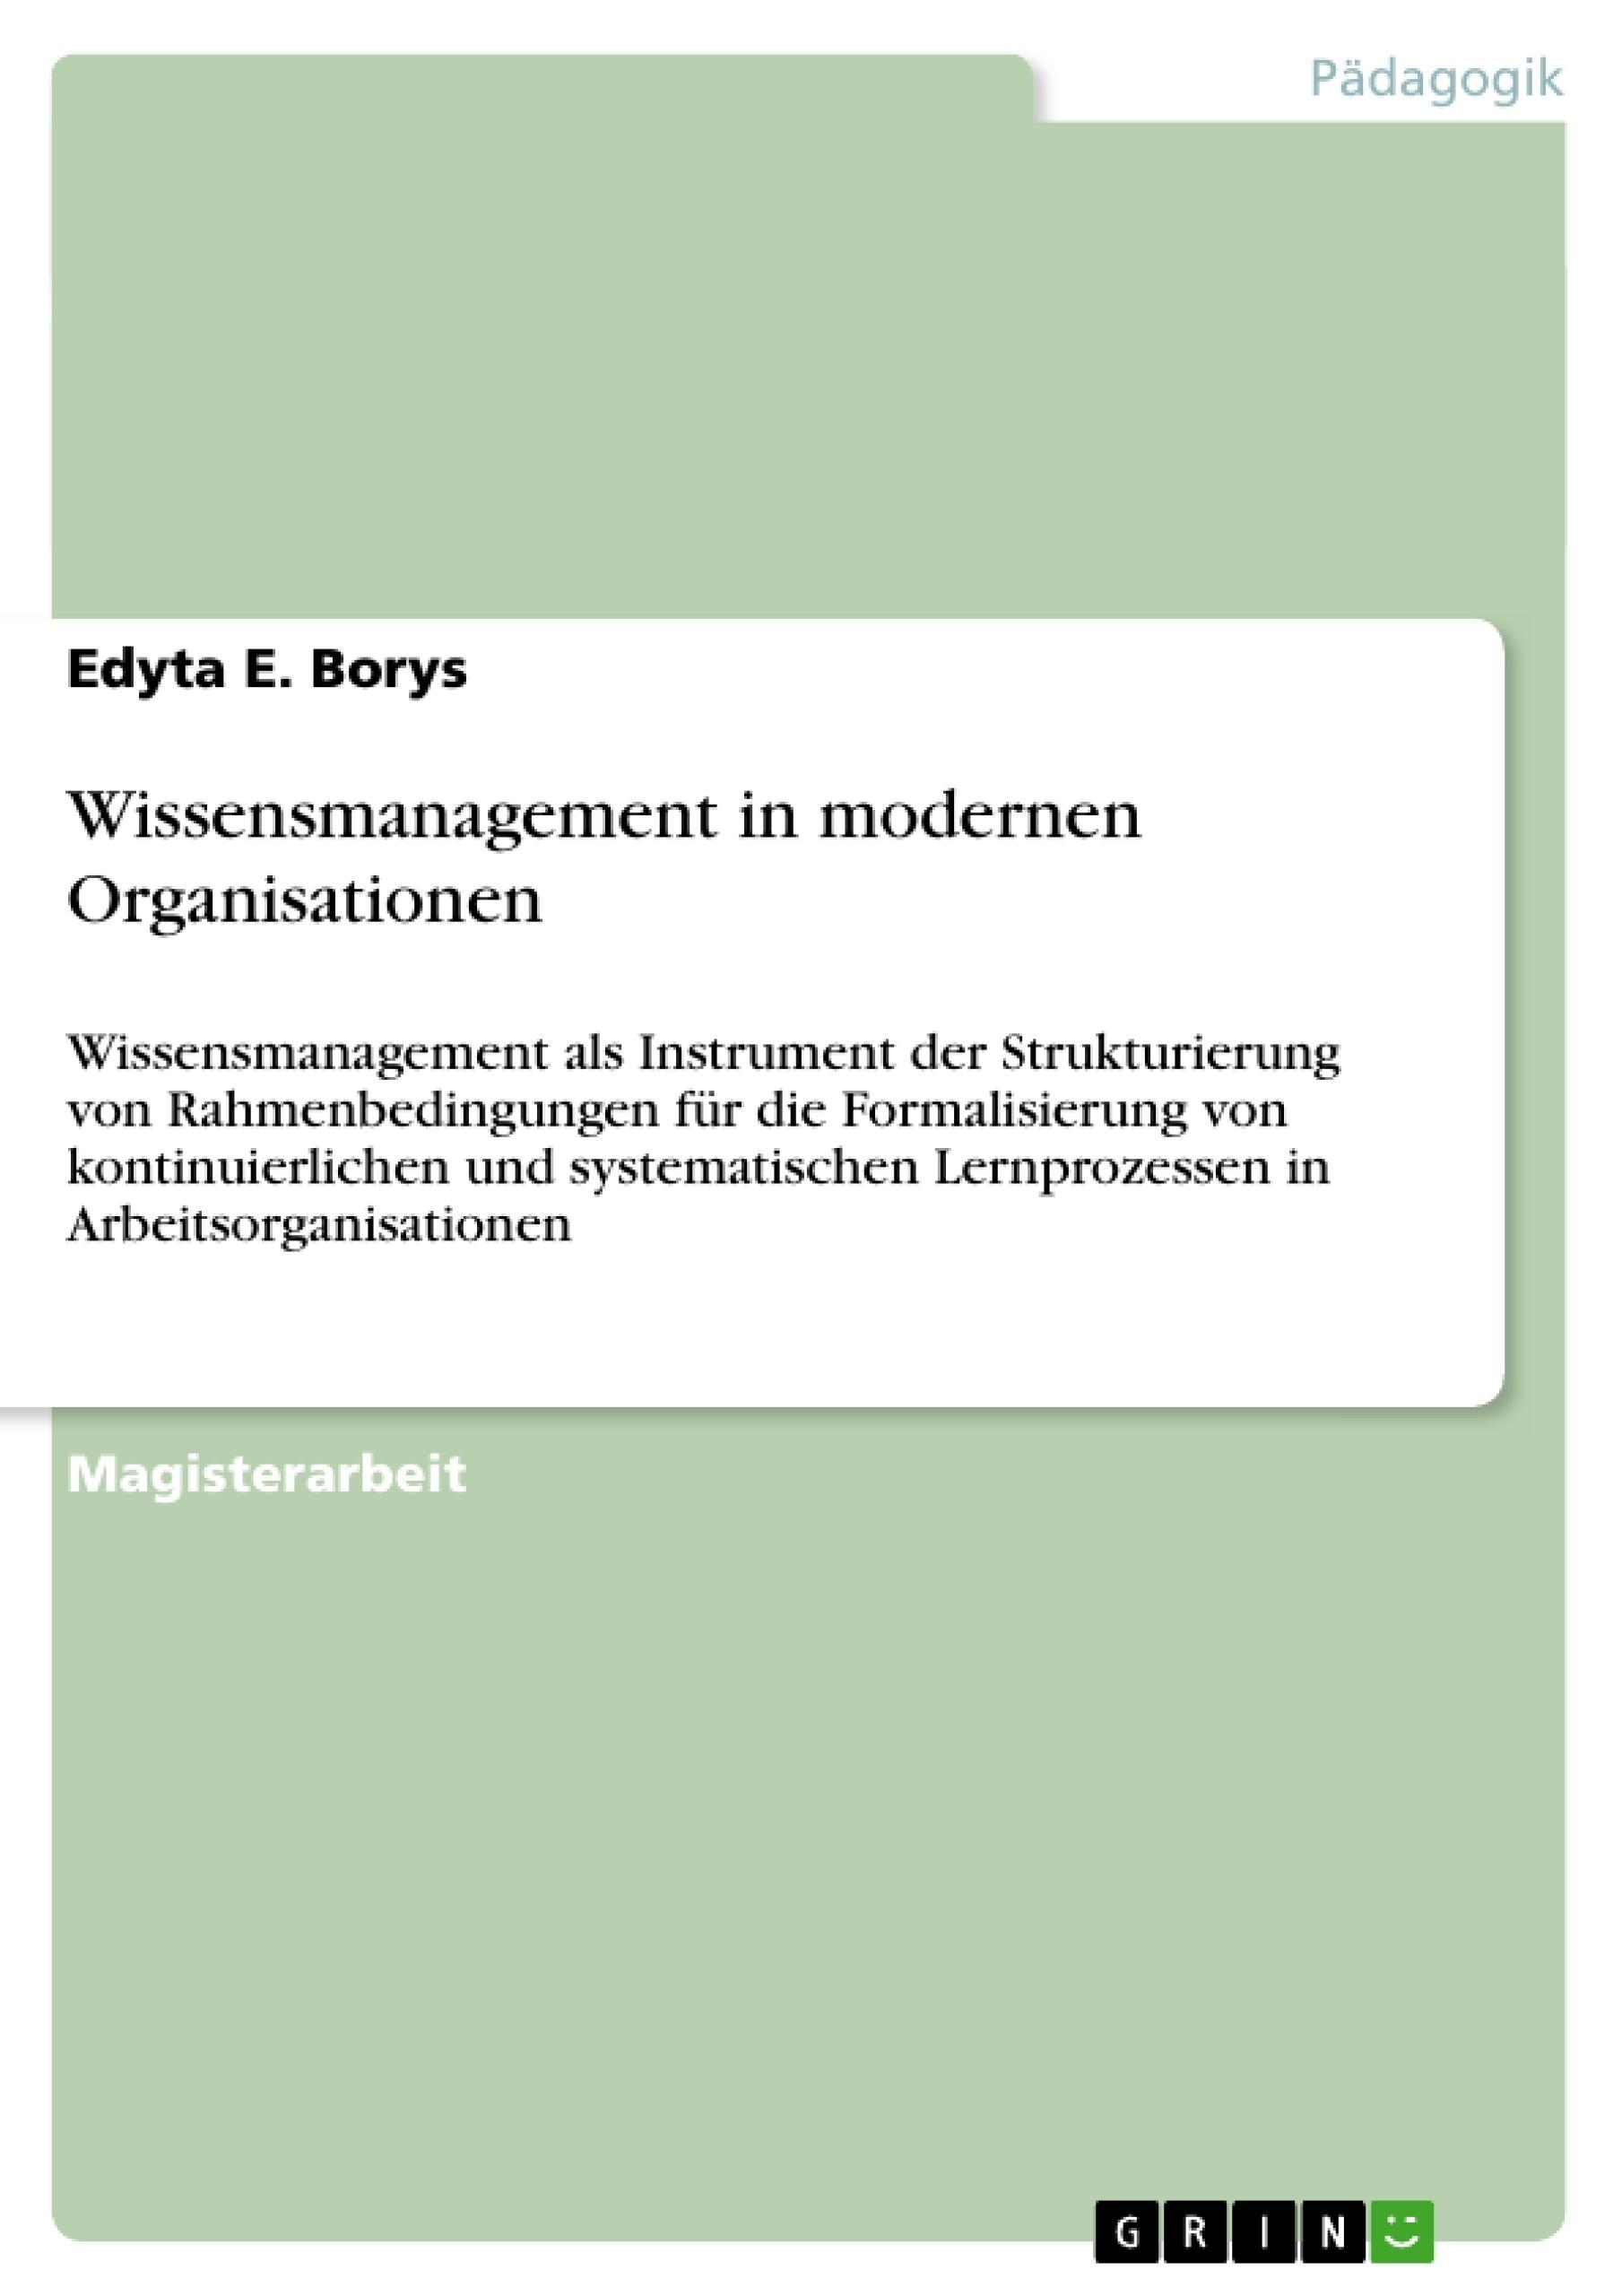 Titel: Wissensmanagement  in modernen Organisationen